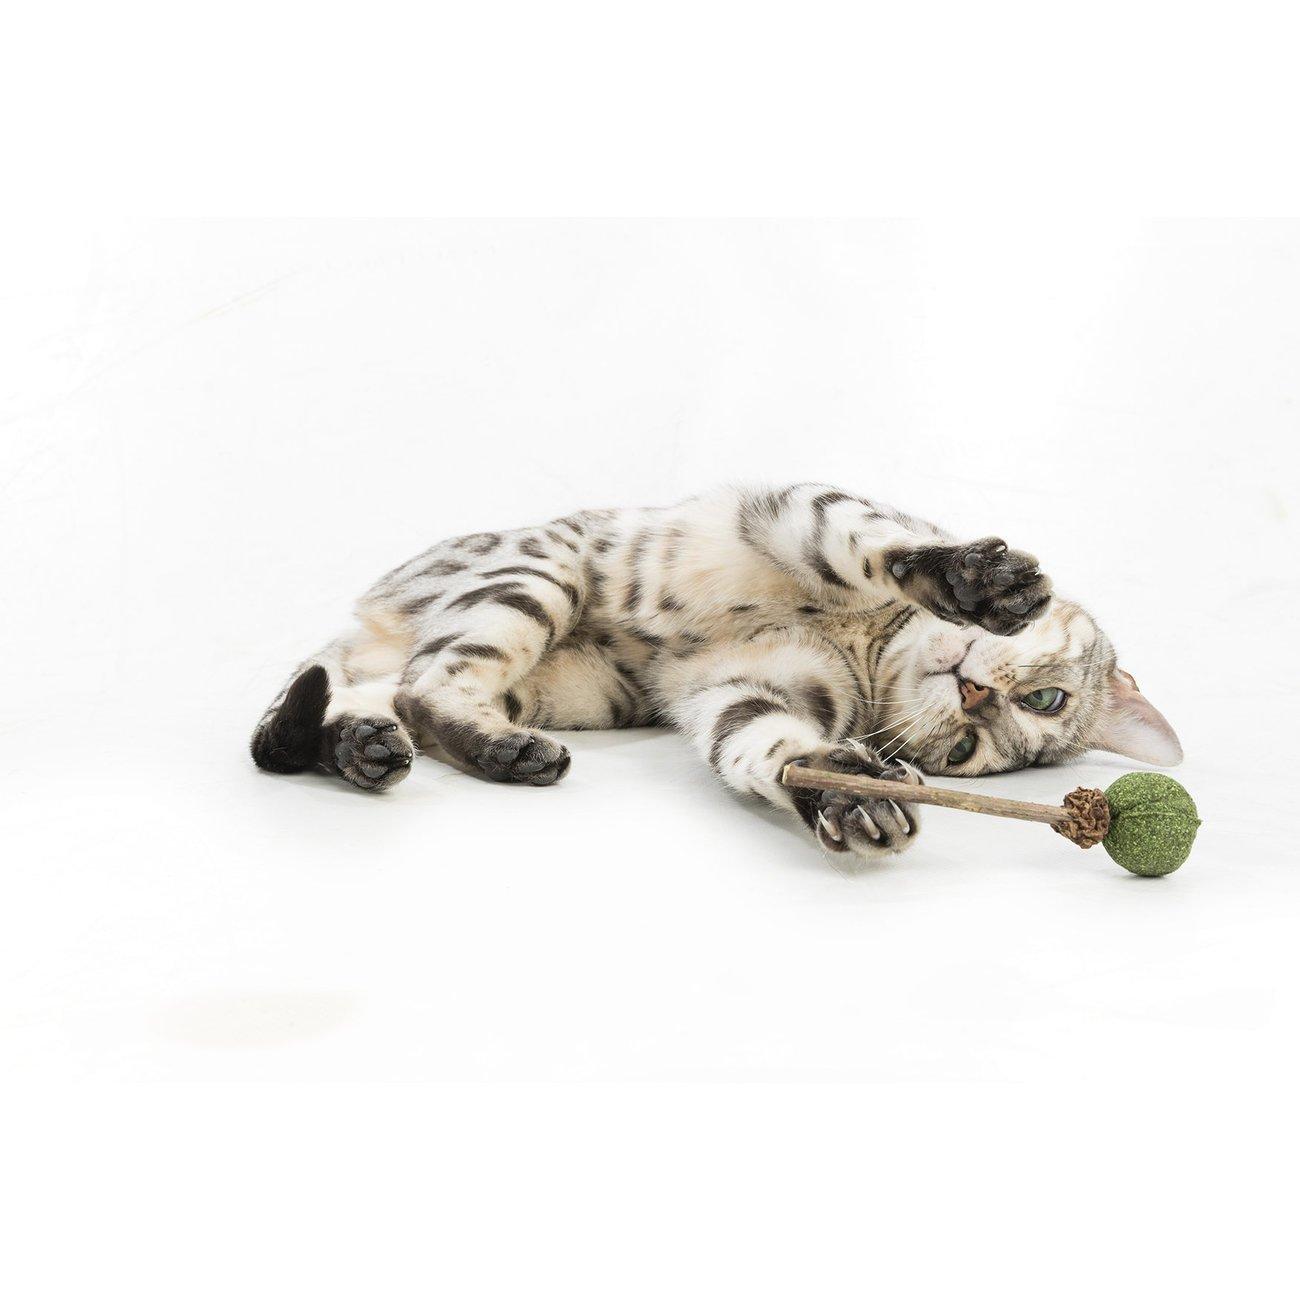 Trixie Matatabi Lolli mit Catnip für Katzen 42430, Bild 2